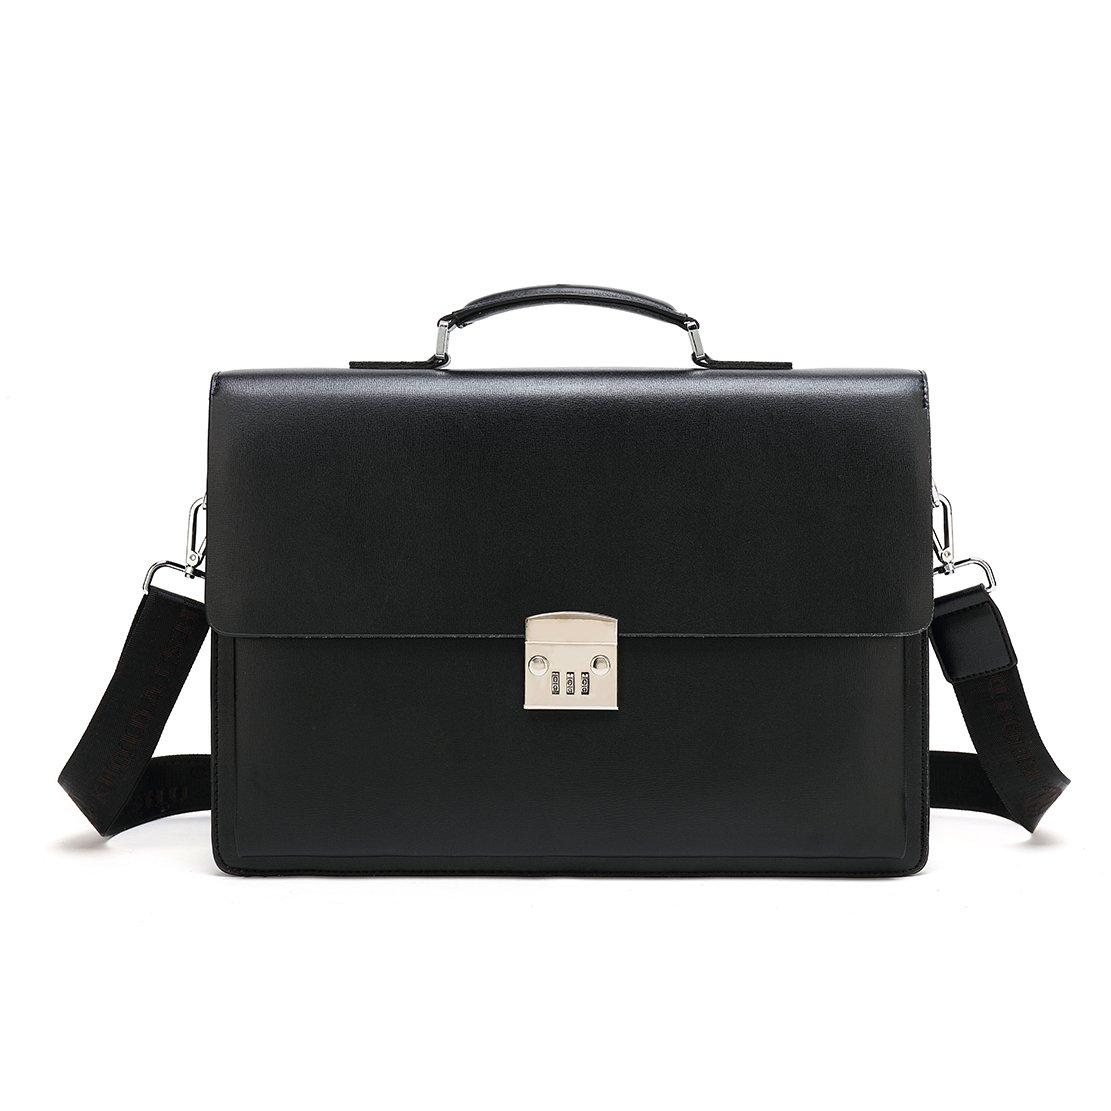 Mioy Vintage Leder Aktentasche Herren 14 Zoll Laptop Umhängetasche Classic Messenger Bag Moderne Ledertasche Wasserdichte Schultertasche (Braun)